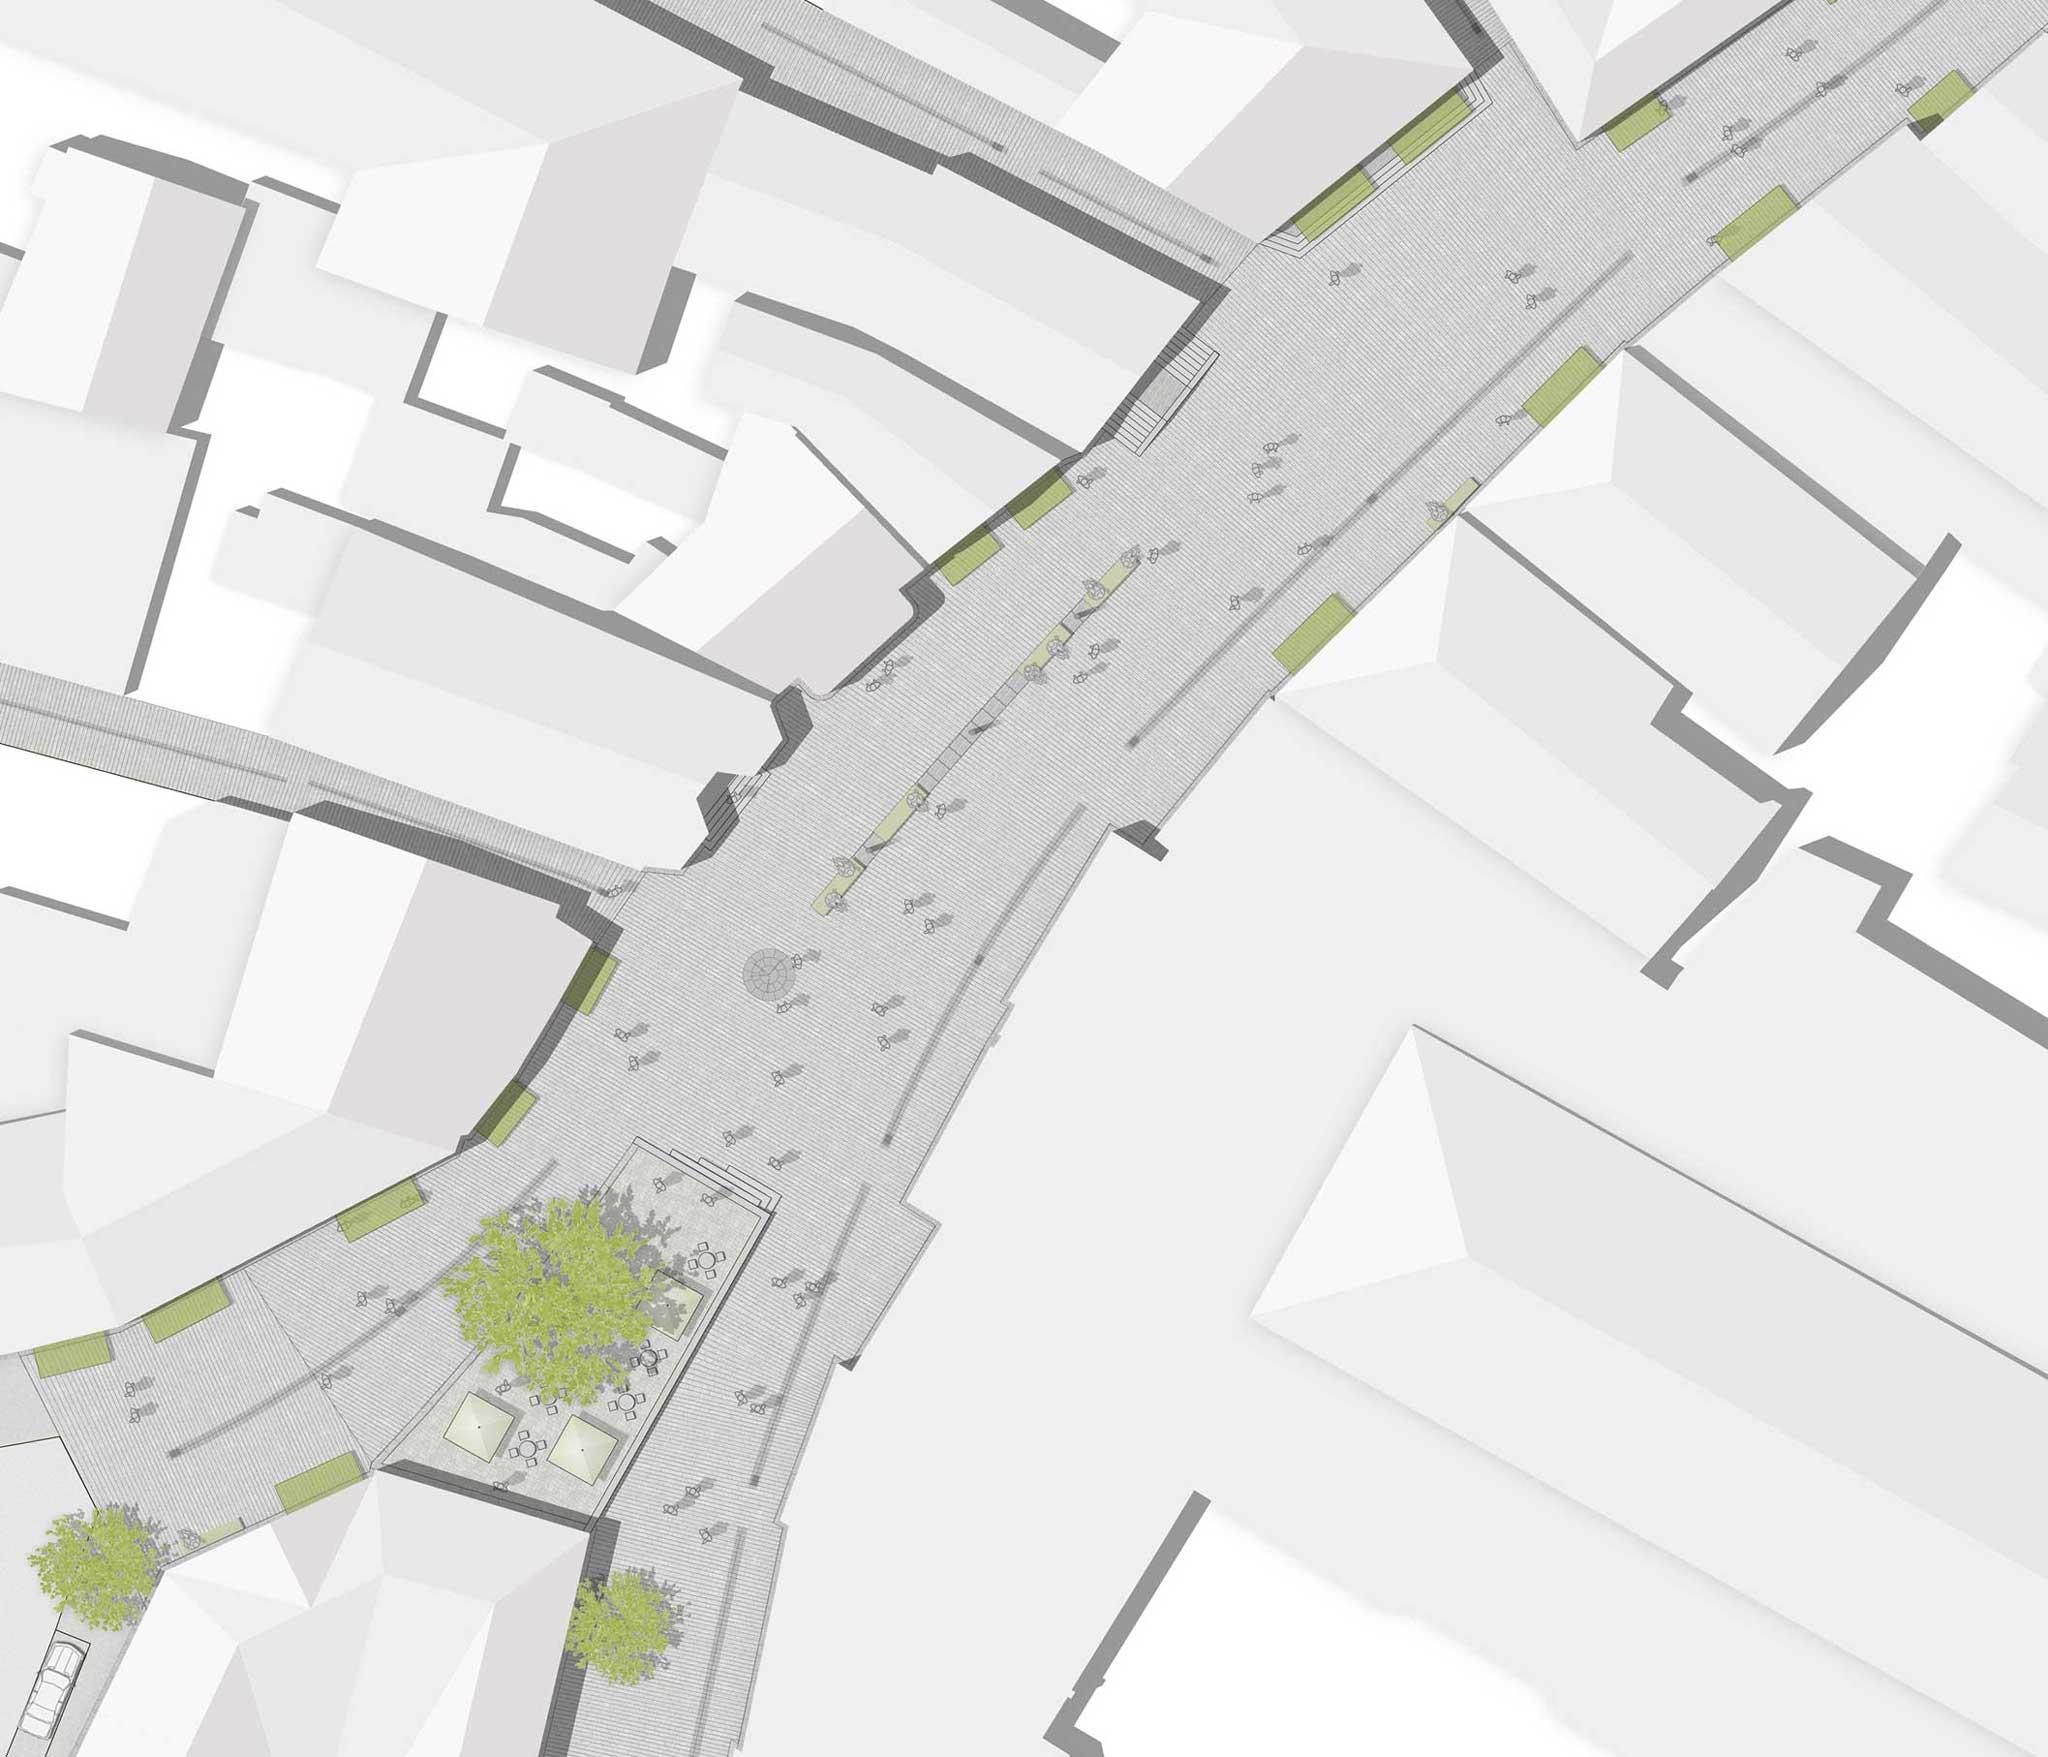 Landschaftsarchitektur Minden Fußgängerzone - Detail